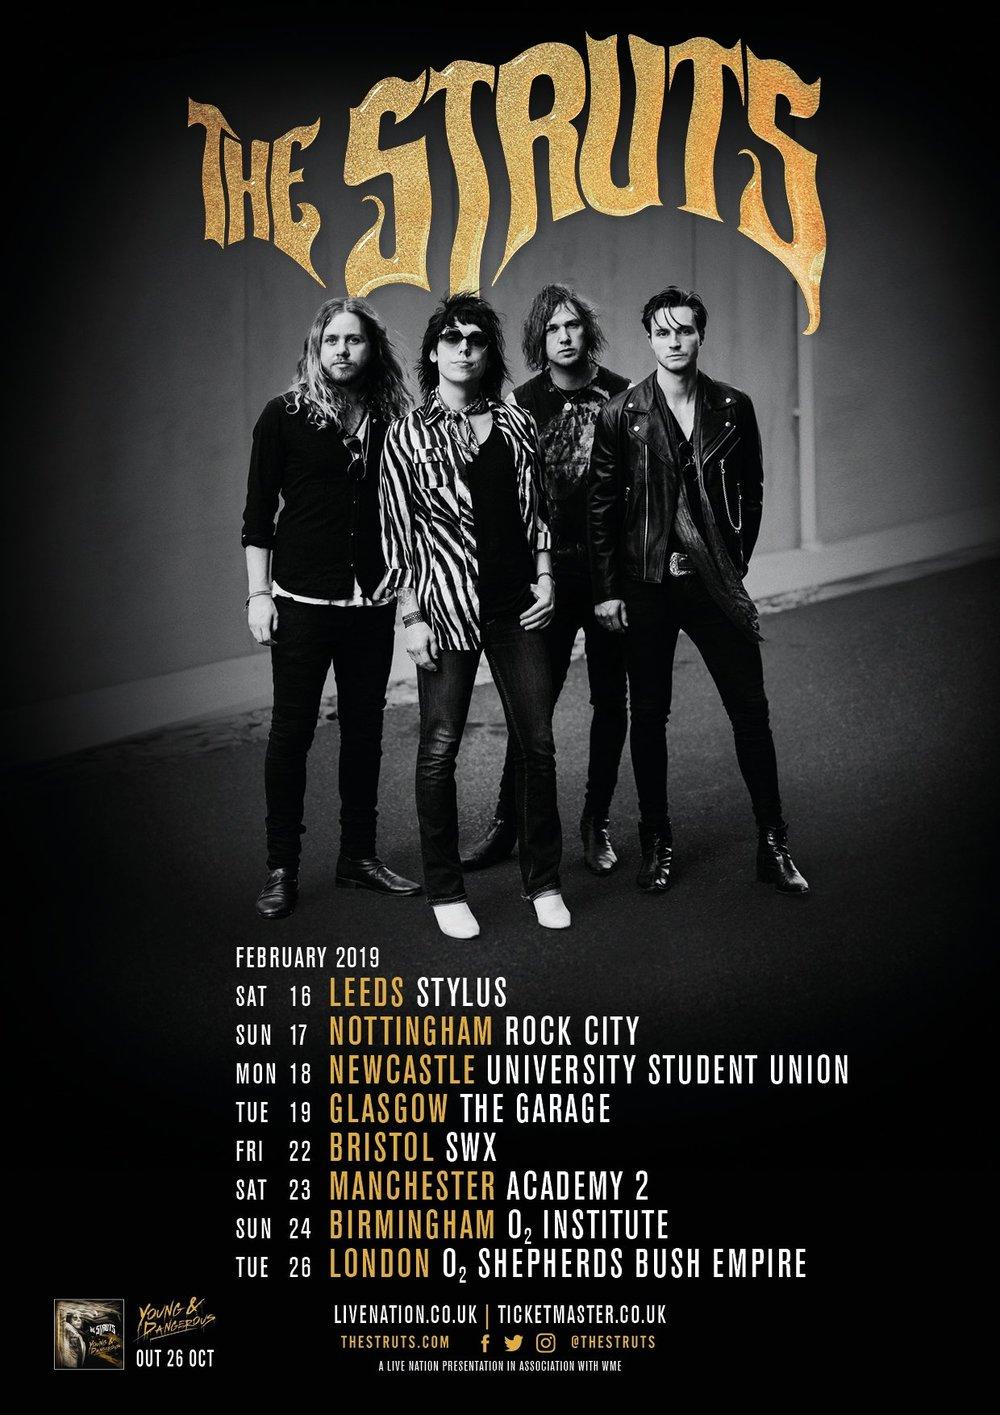 The Struts 2019 tour dates